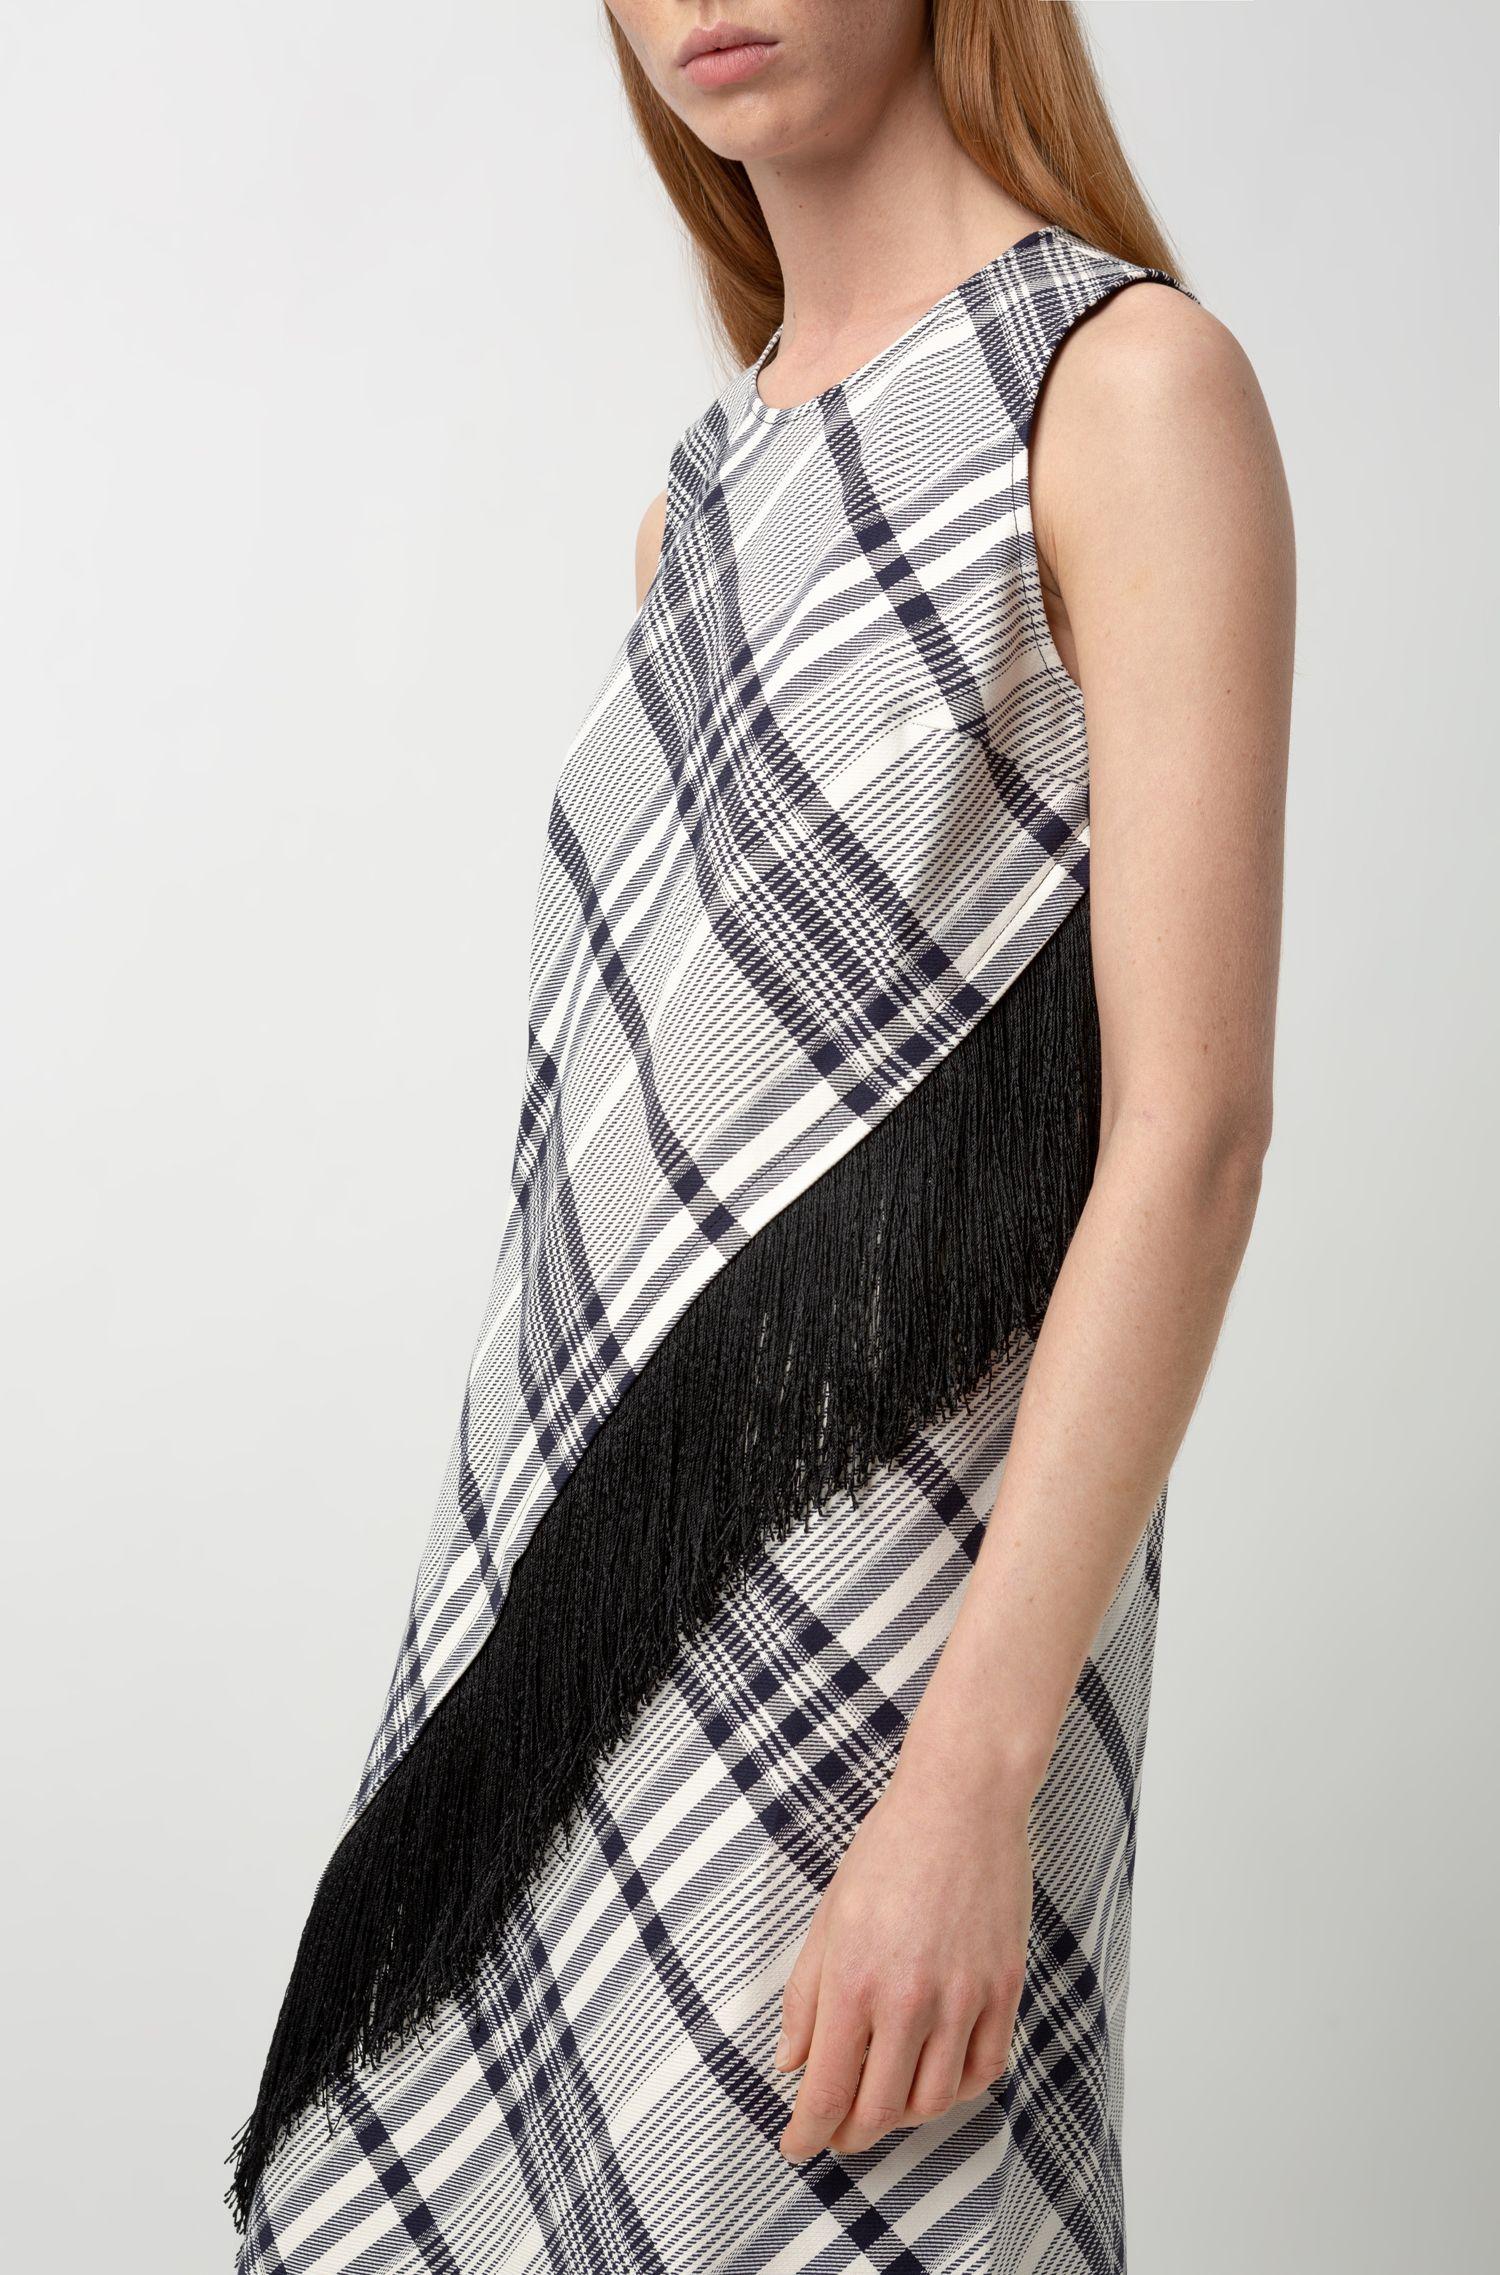 Robe en coton à carreaux avec franges et base asymétrique, Fantaisie